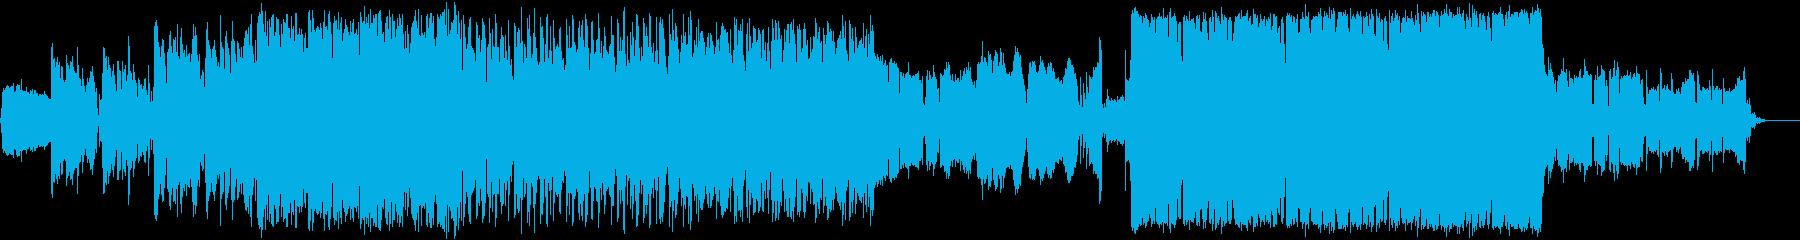 企業VP、映像向けクールなネオソウルの再生済みの波形